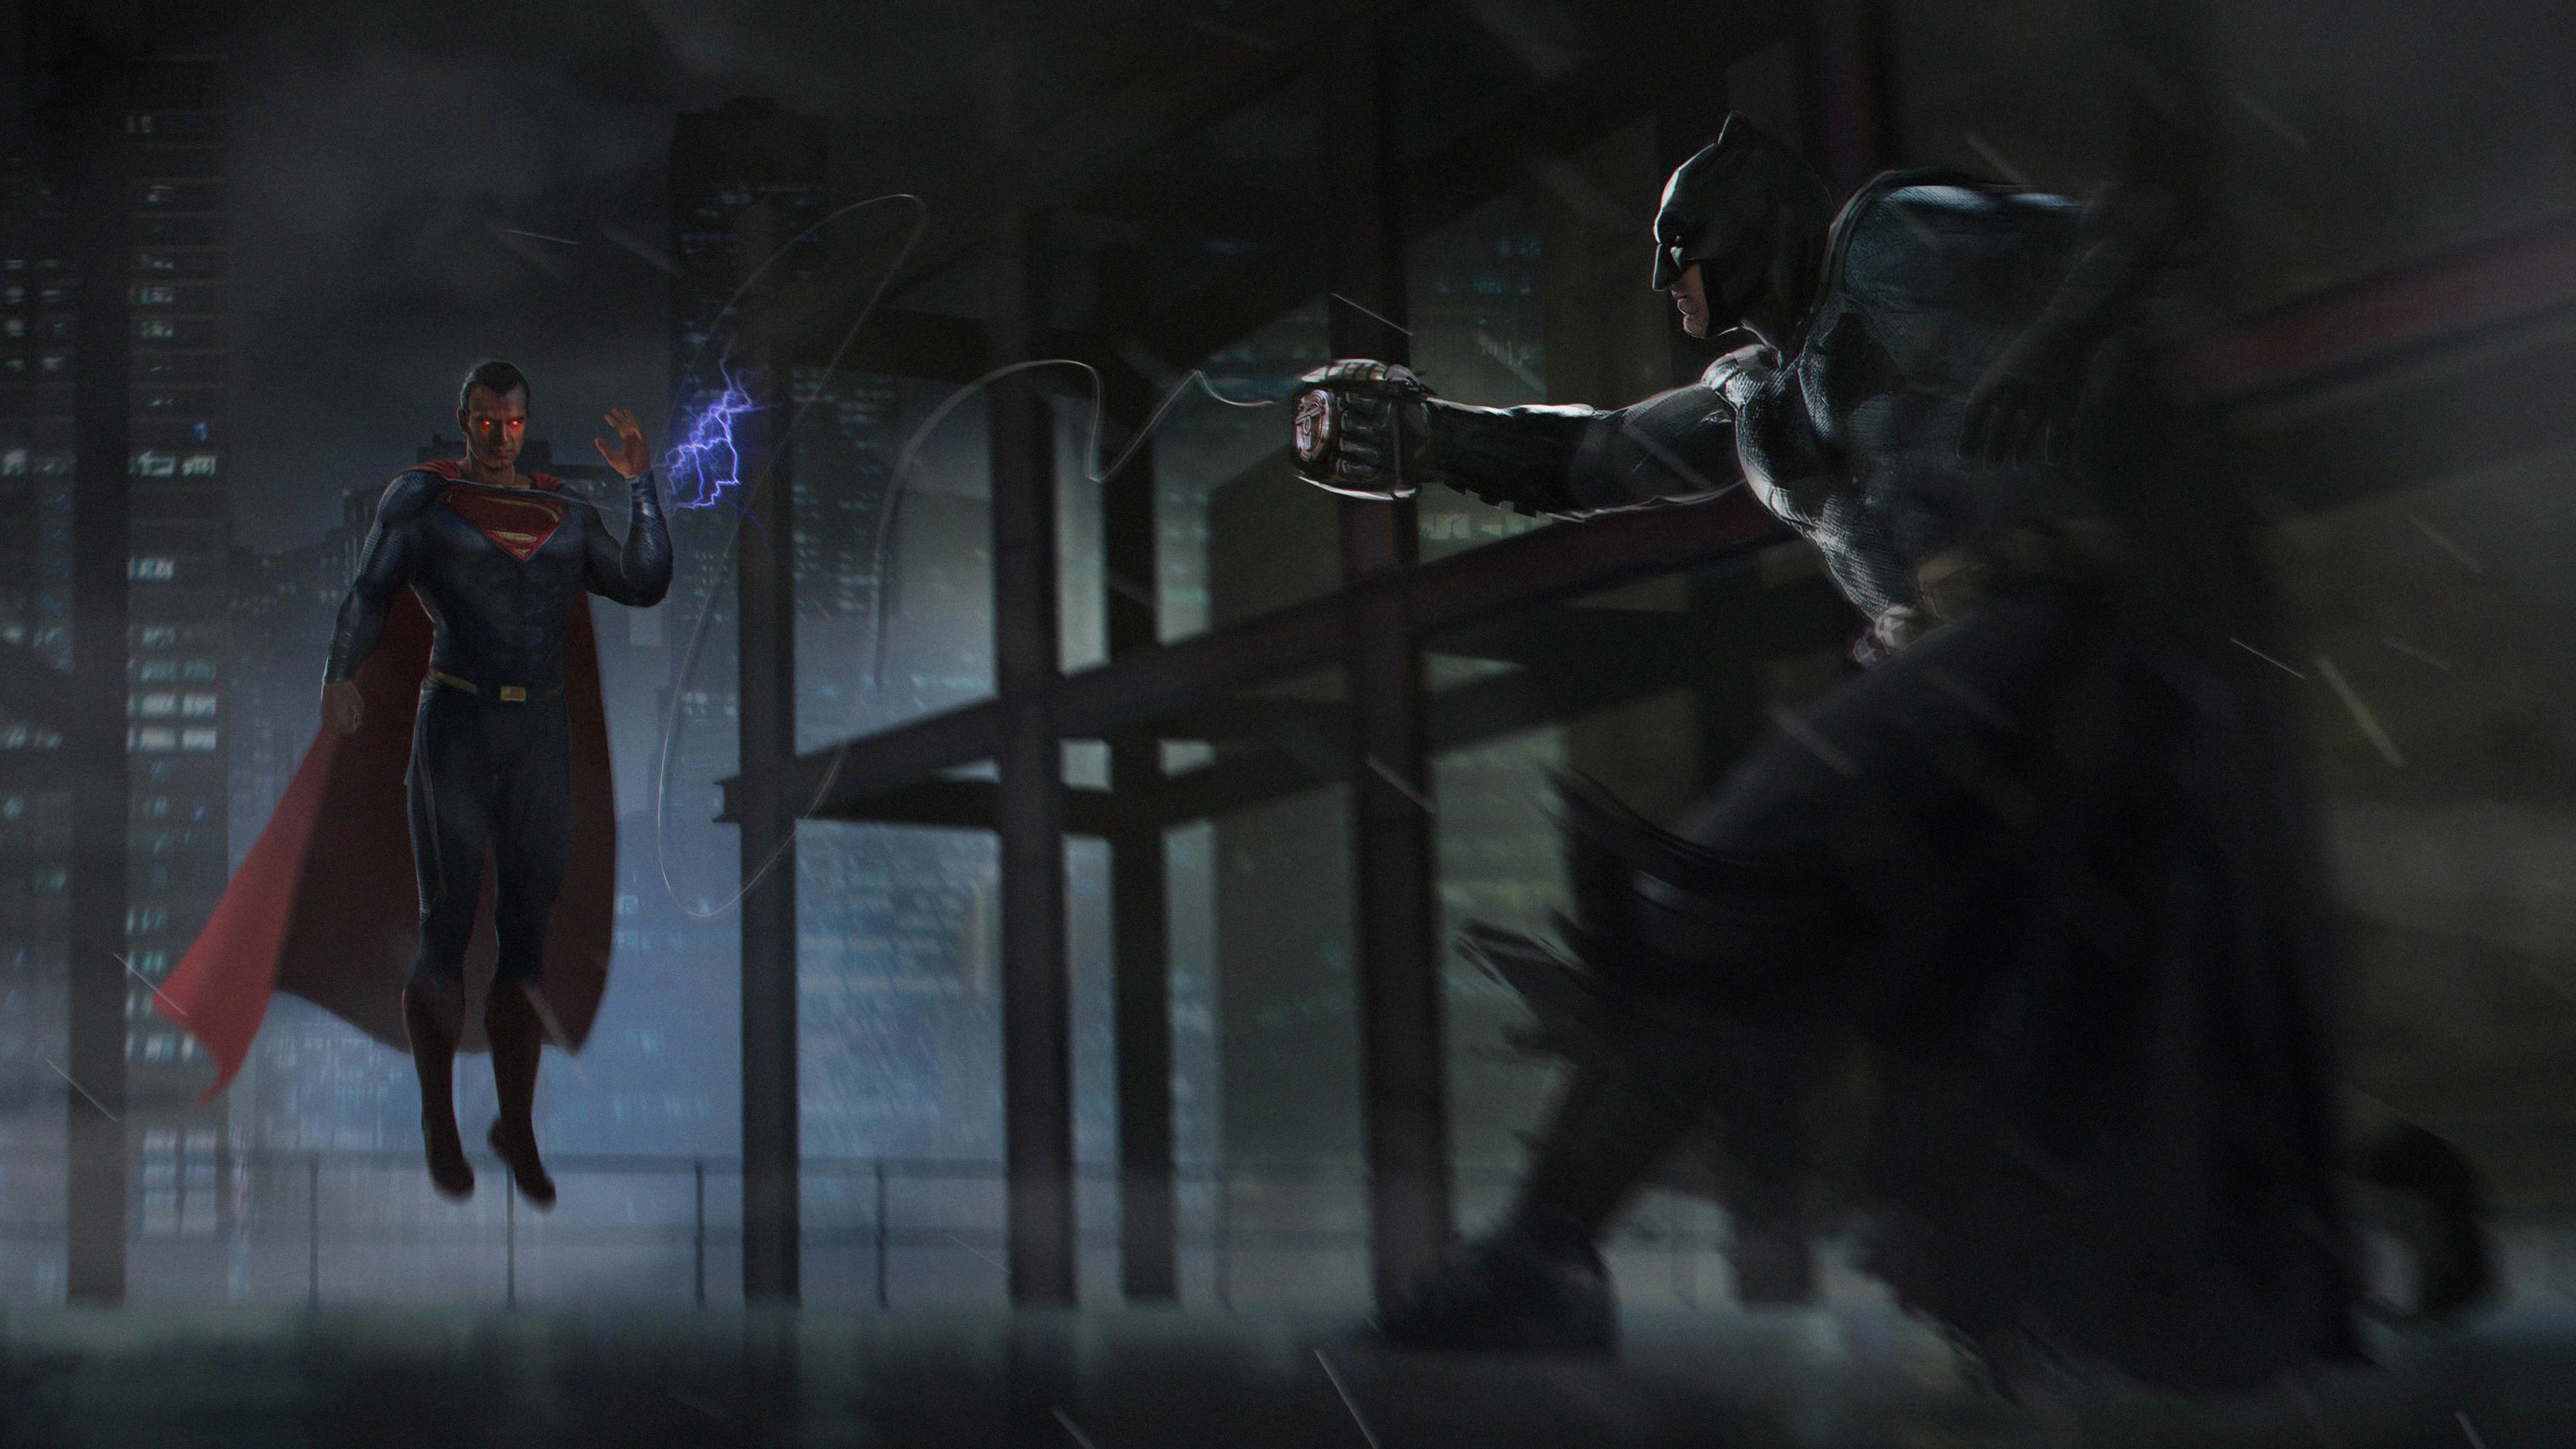 Wallpaper 4k Batman Vs Superman Fight Fan Art 4k Wallpapers